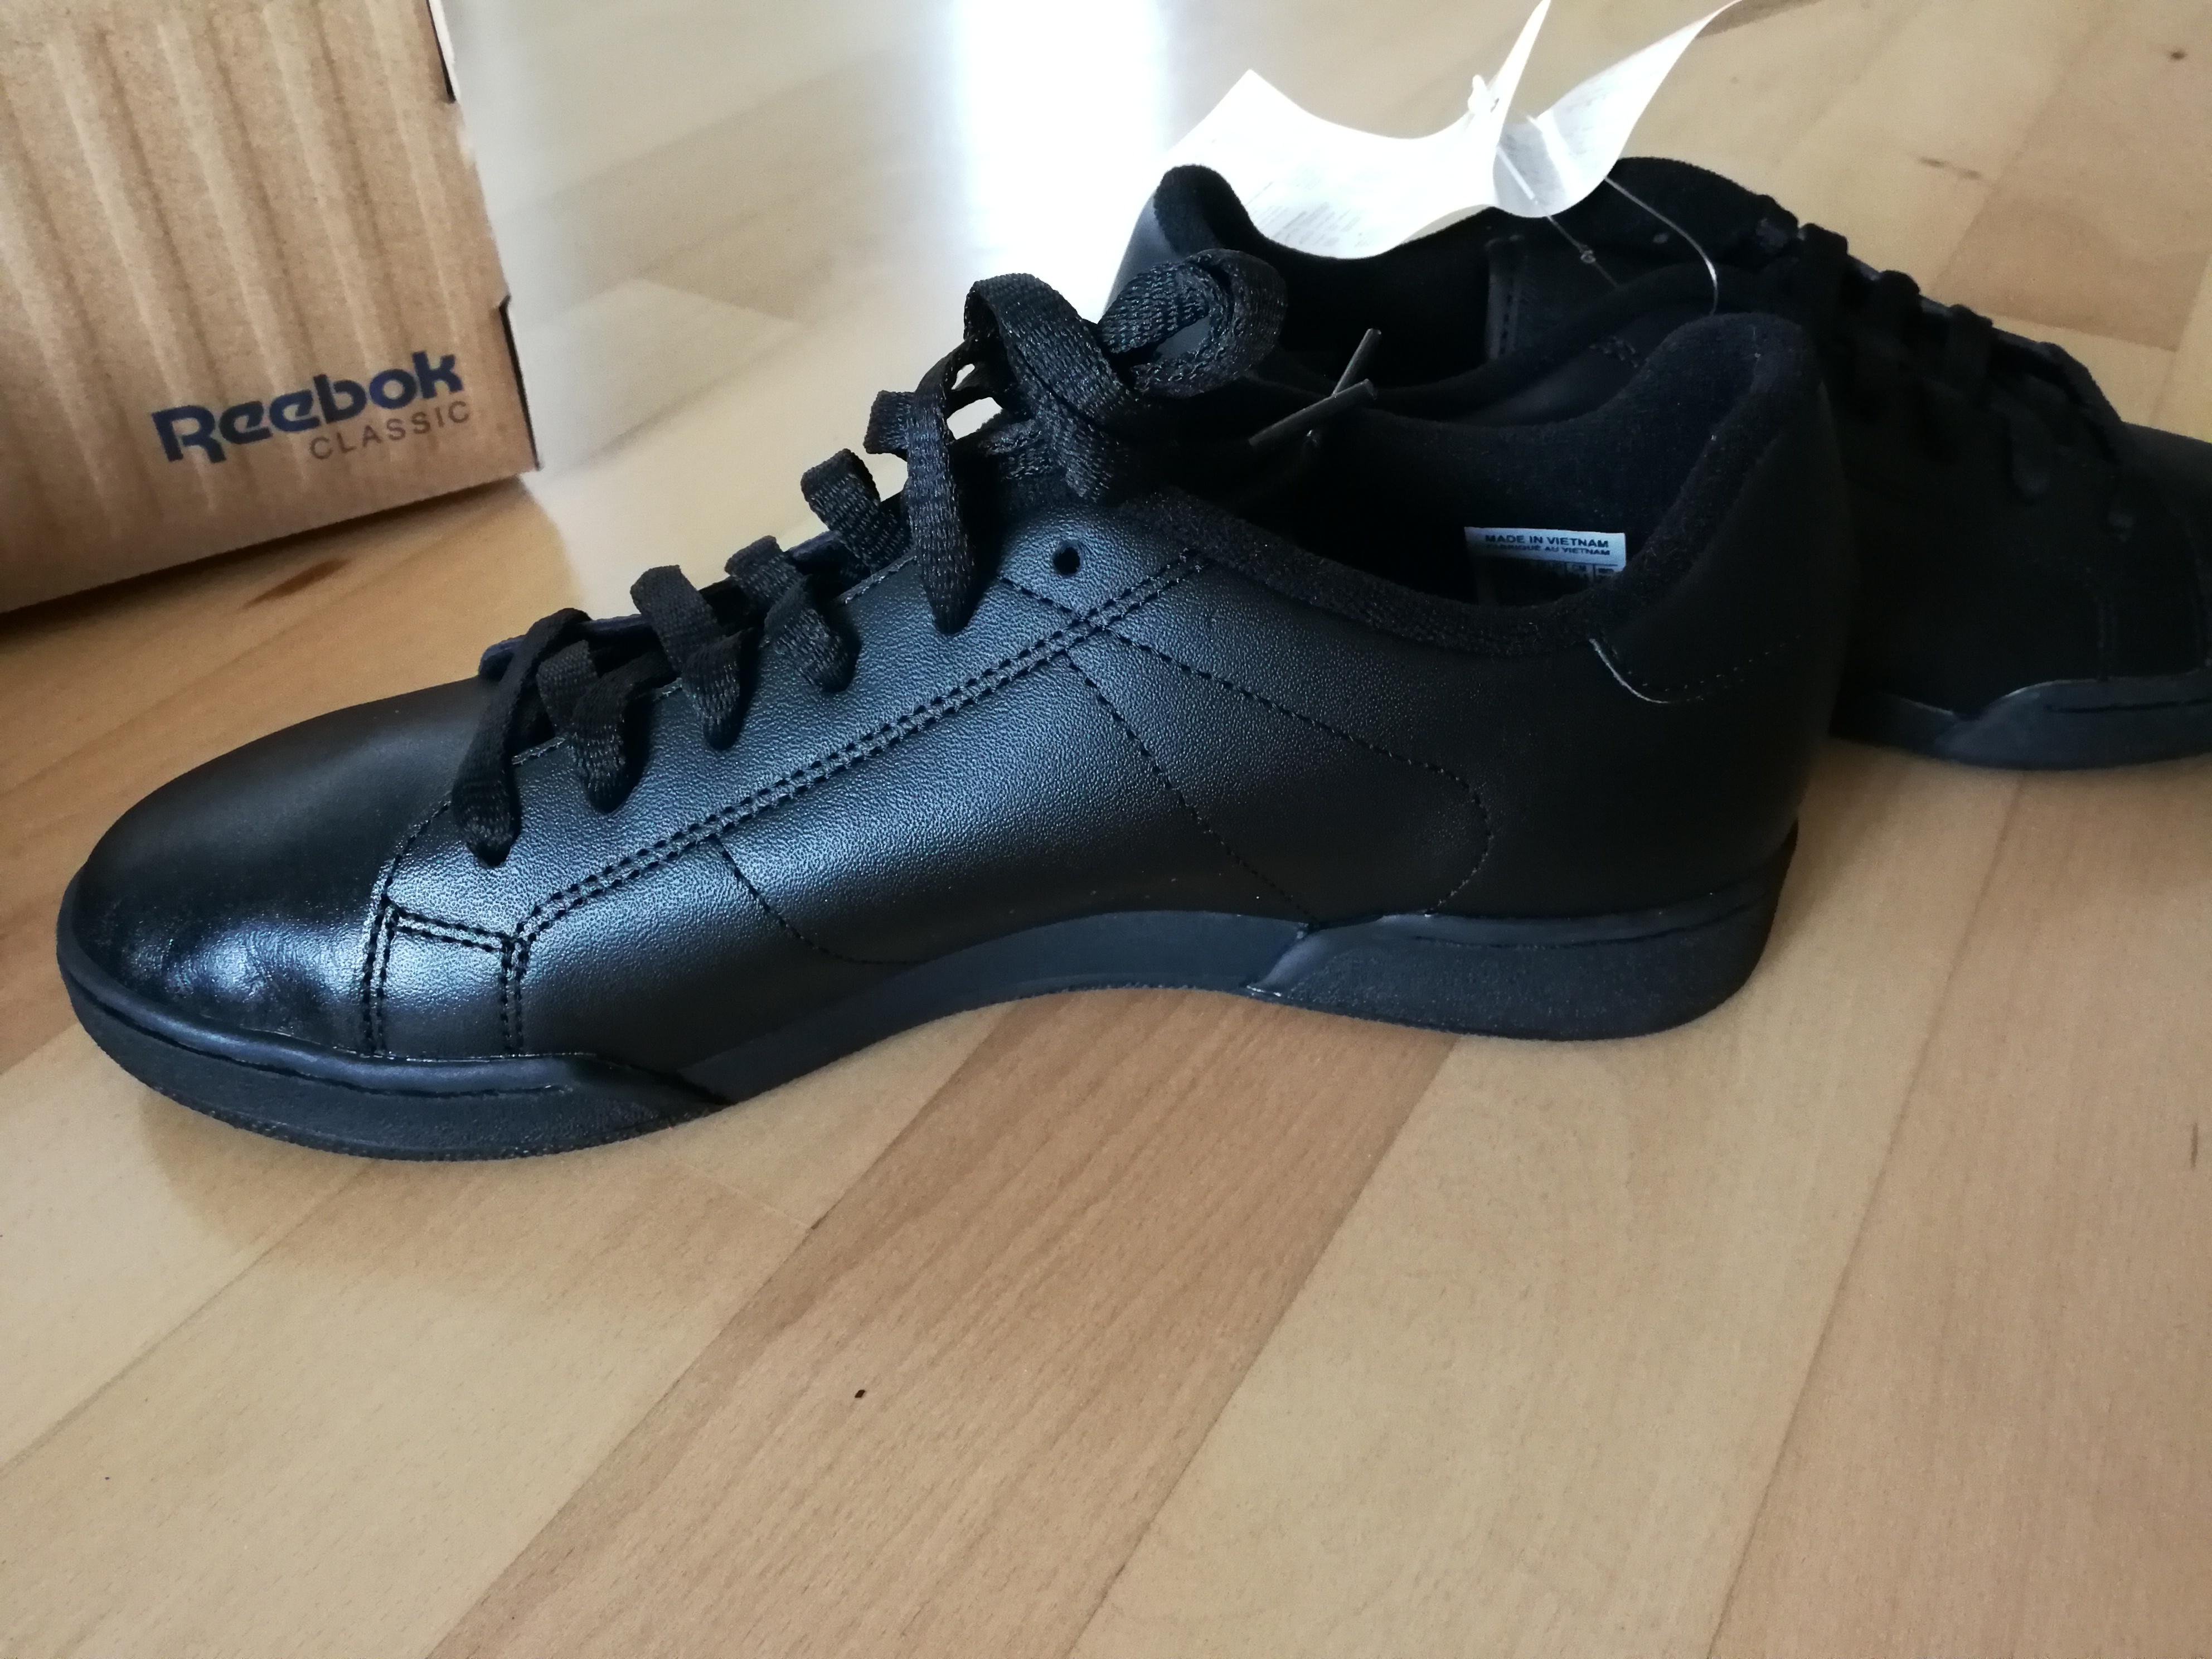 Bild Nummer 2 von Schwarze Reebook Sneaker/Sportschuhe re.40/li.37